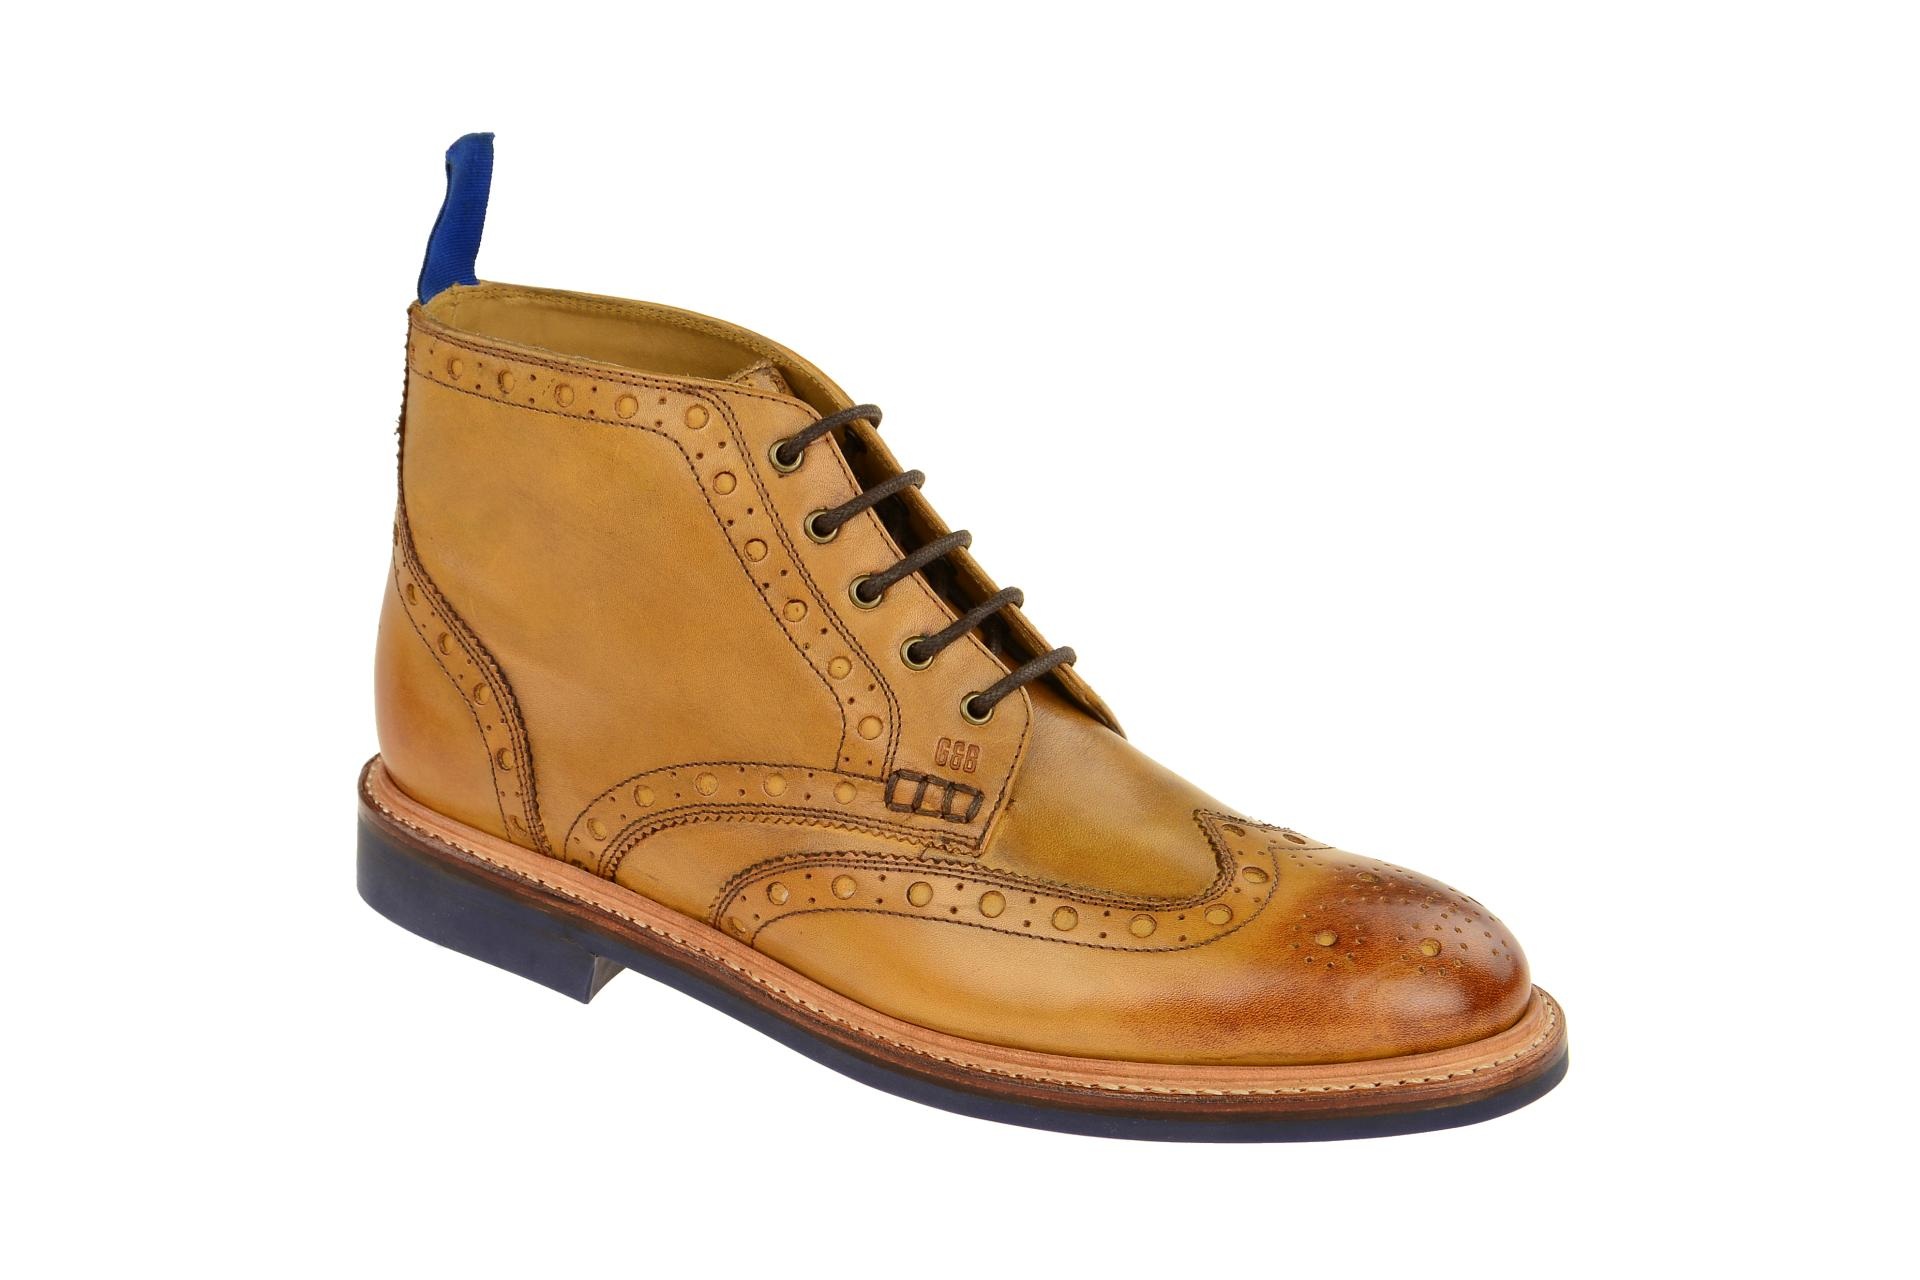 Gordon Bros Stiefel Harry braun 5039-G - Schuhhaus Strauch Shop 04703db03c